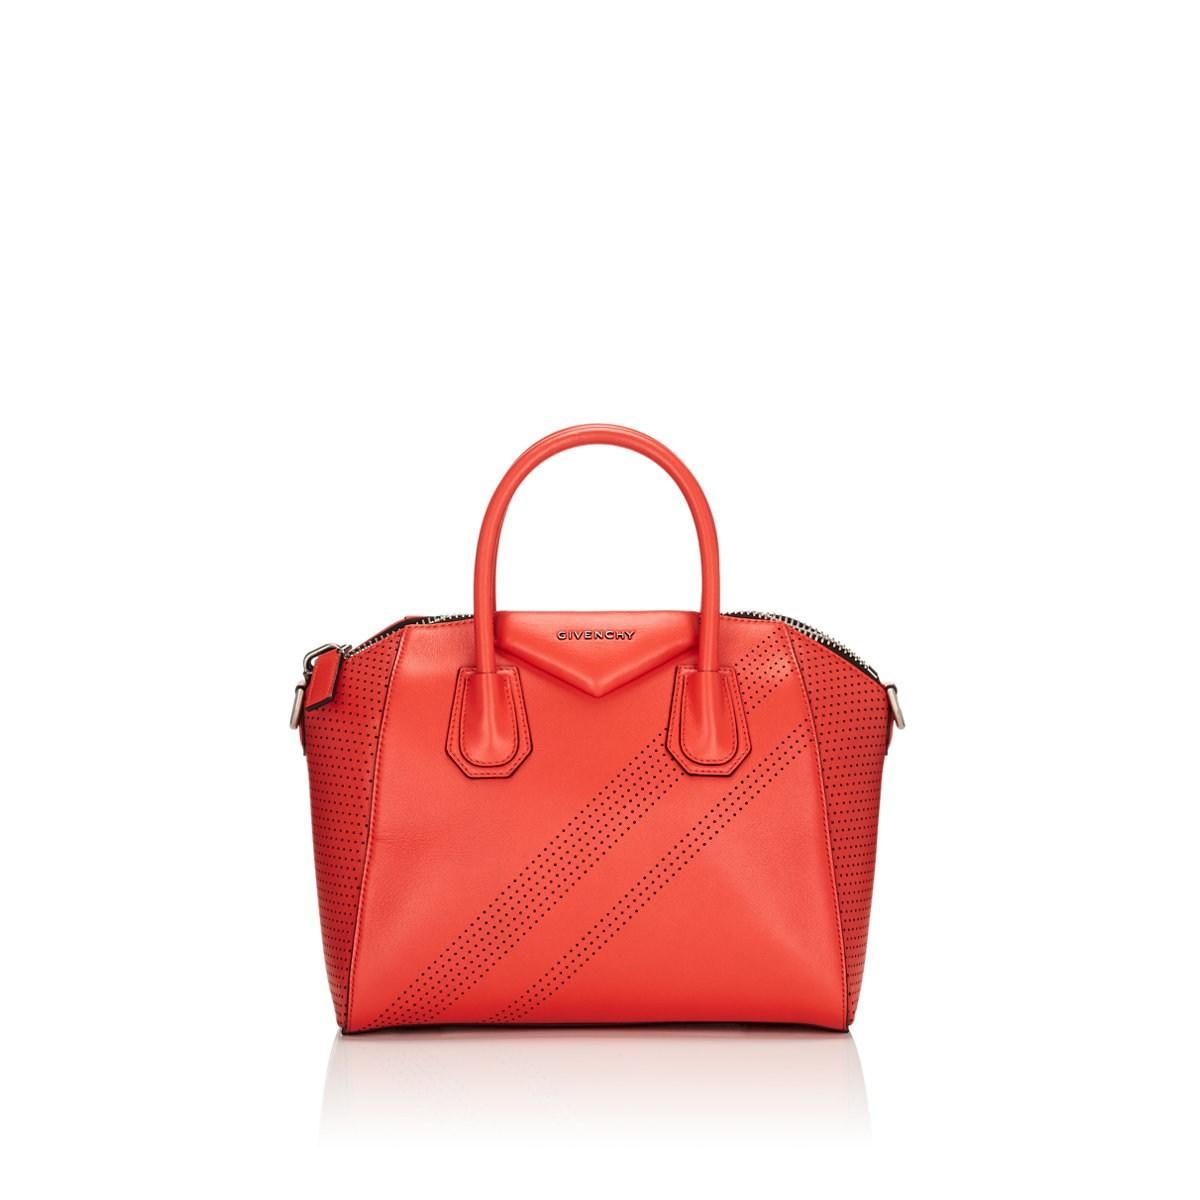 c1d36baf52fcb Lyst Givenchy Antigona Small Leather Duffel Bag In Red